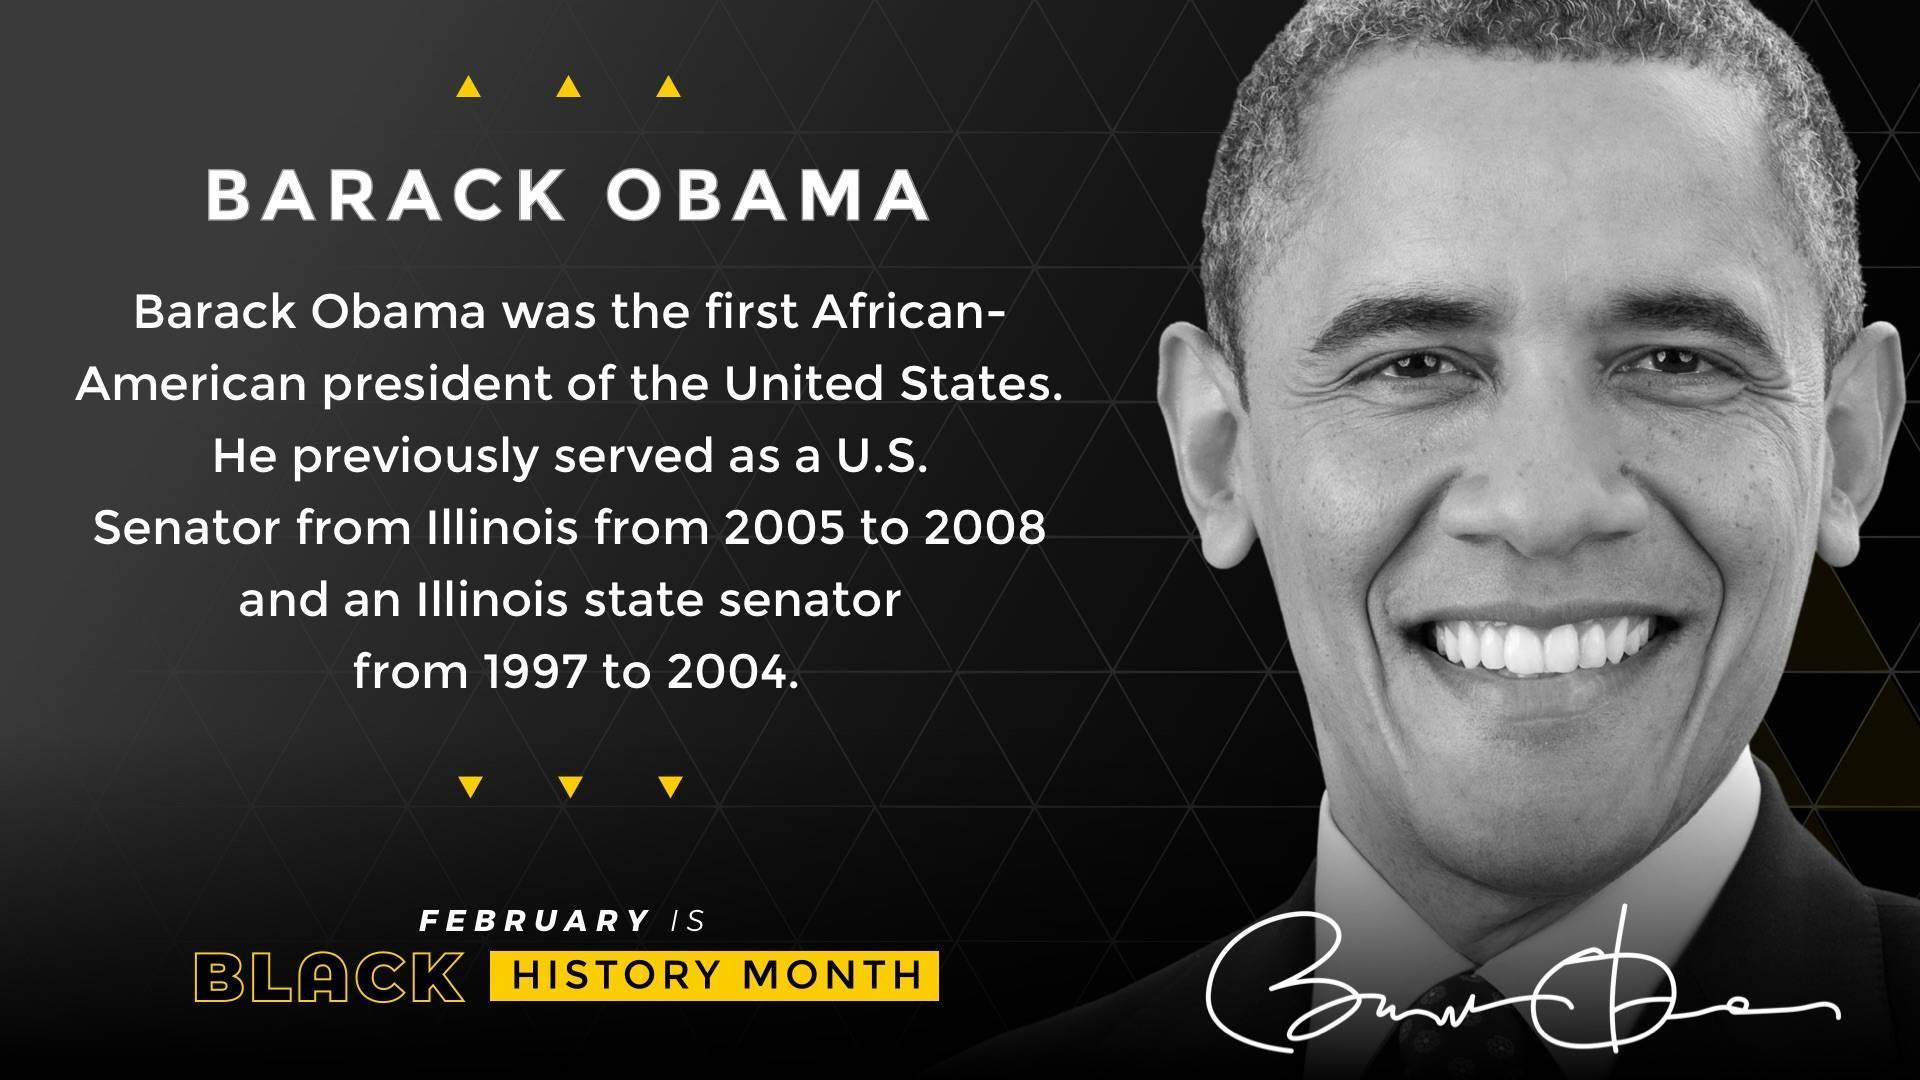 Black History Month Barack Obama Digital Signage Template